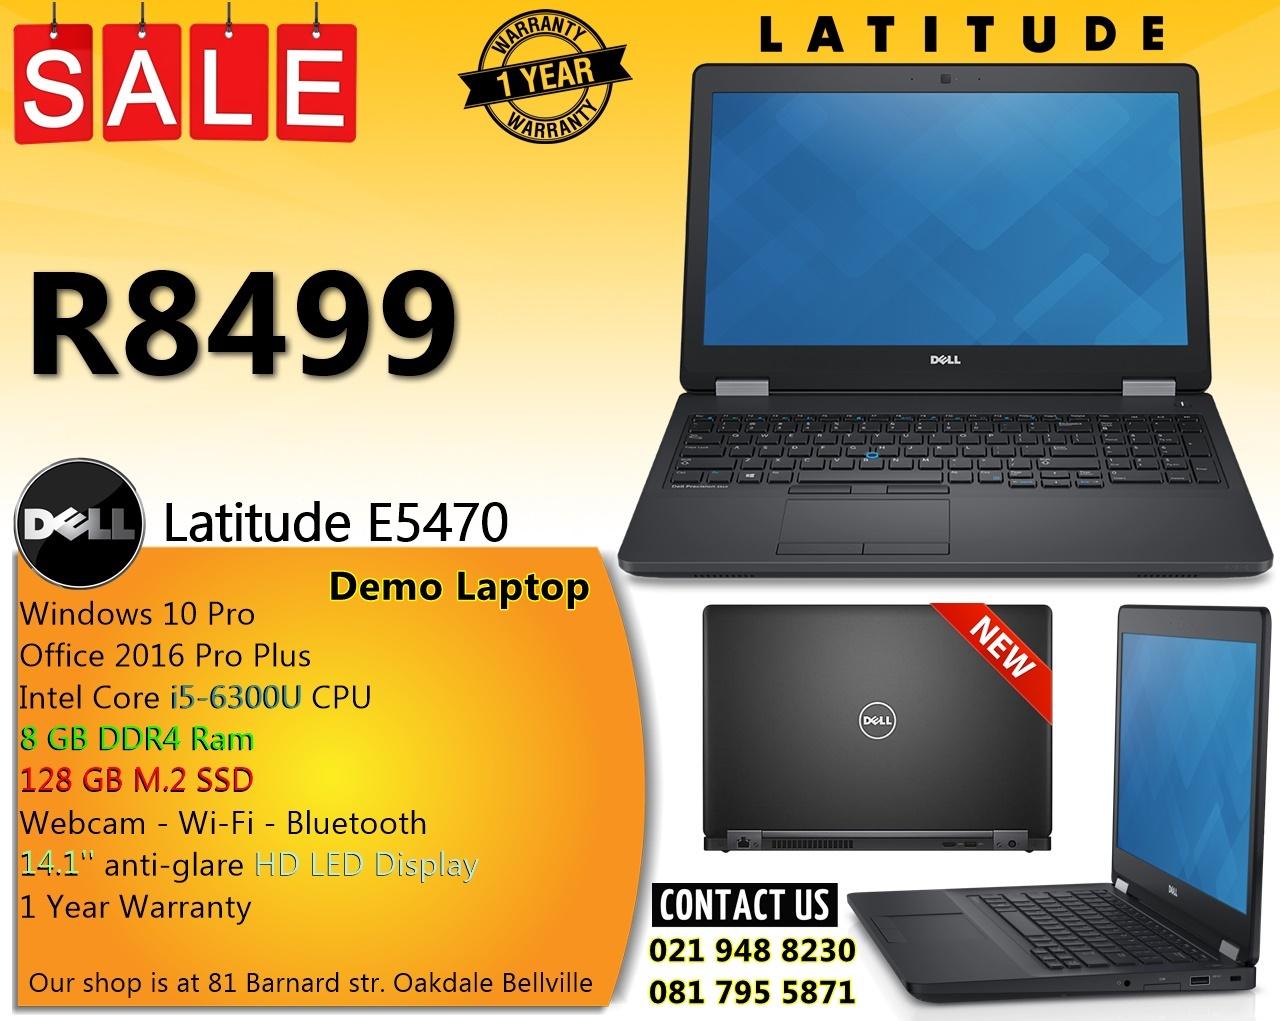 Dell Latitude E5470 - 14